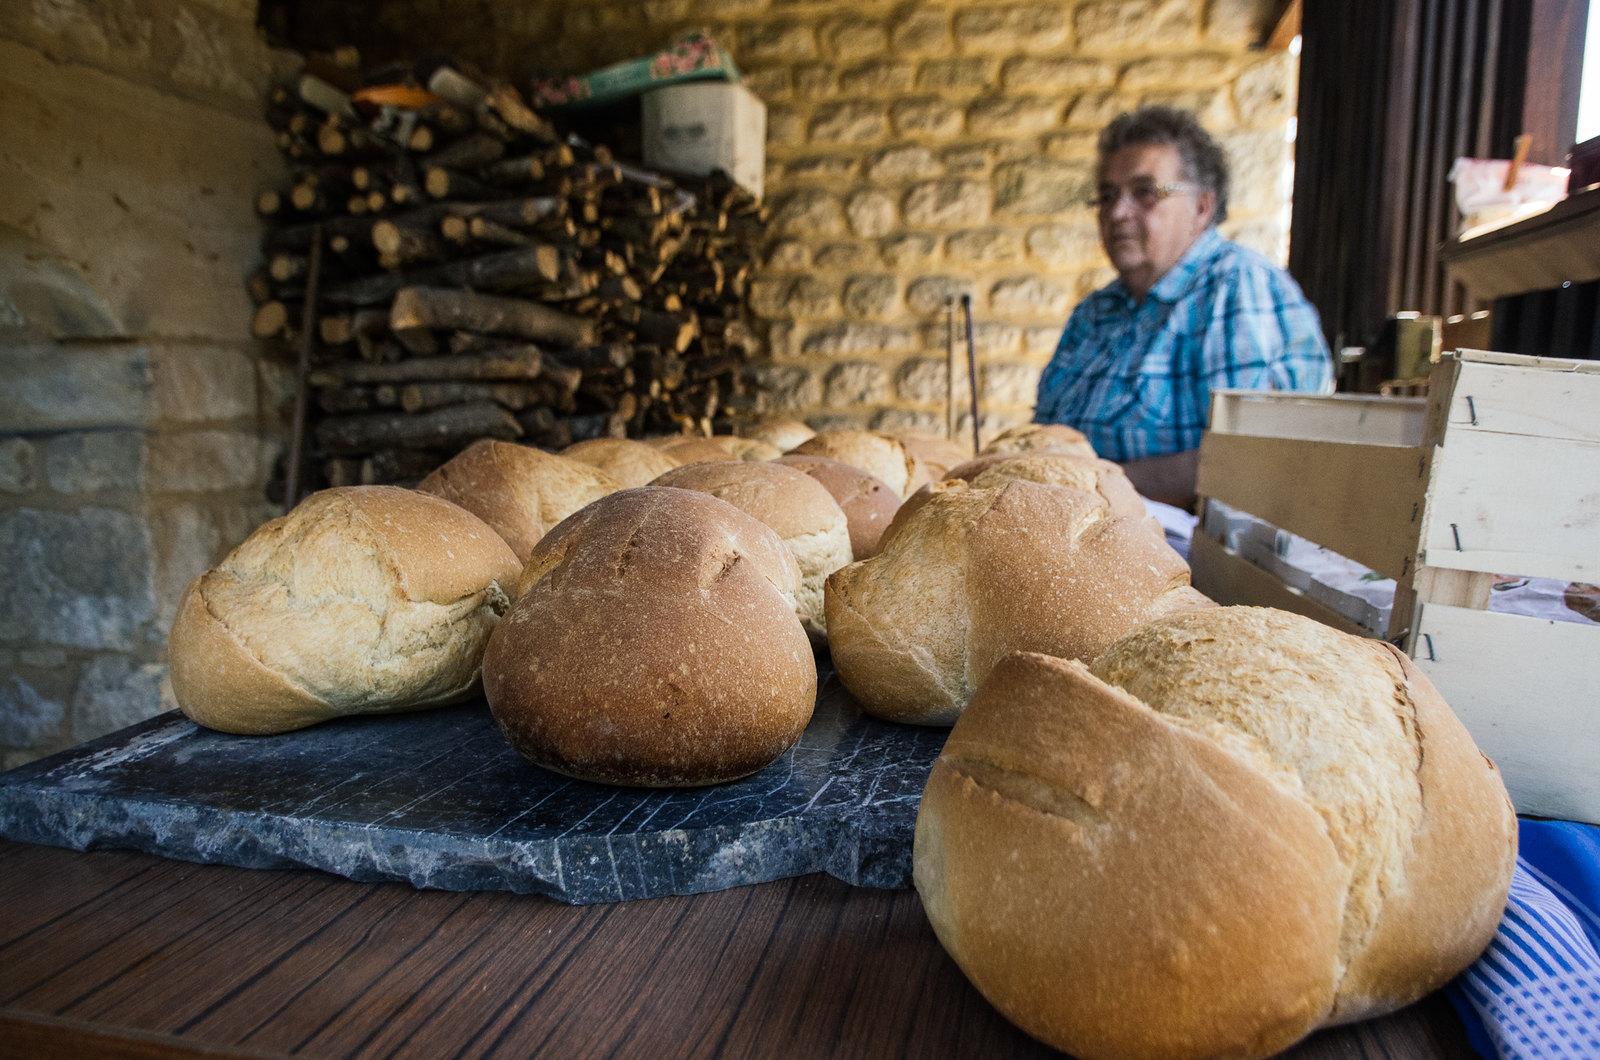 Tourisme vert dans la Meuse - de la Meuse à l'Argonne - Le cri du pain